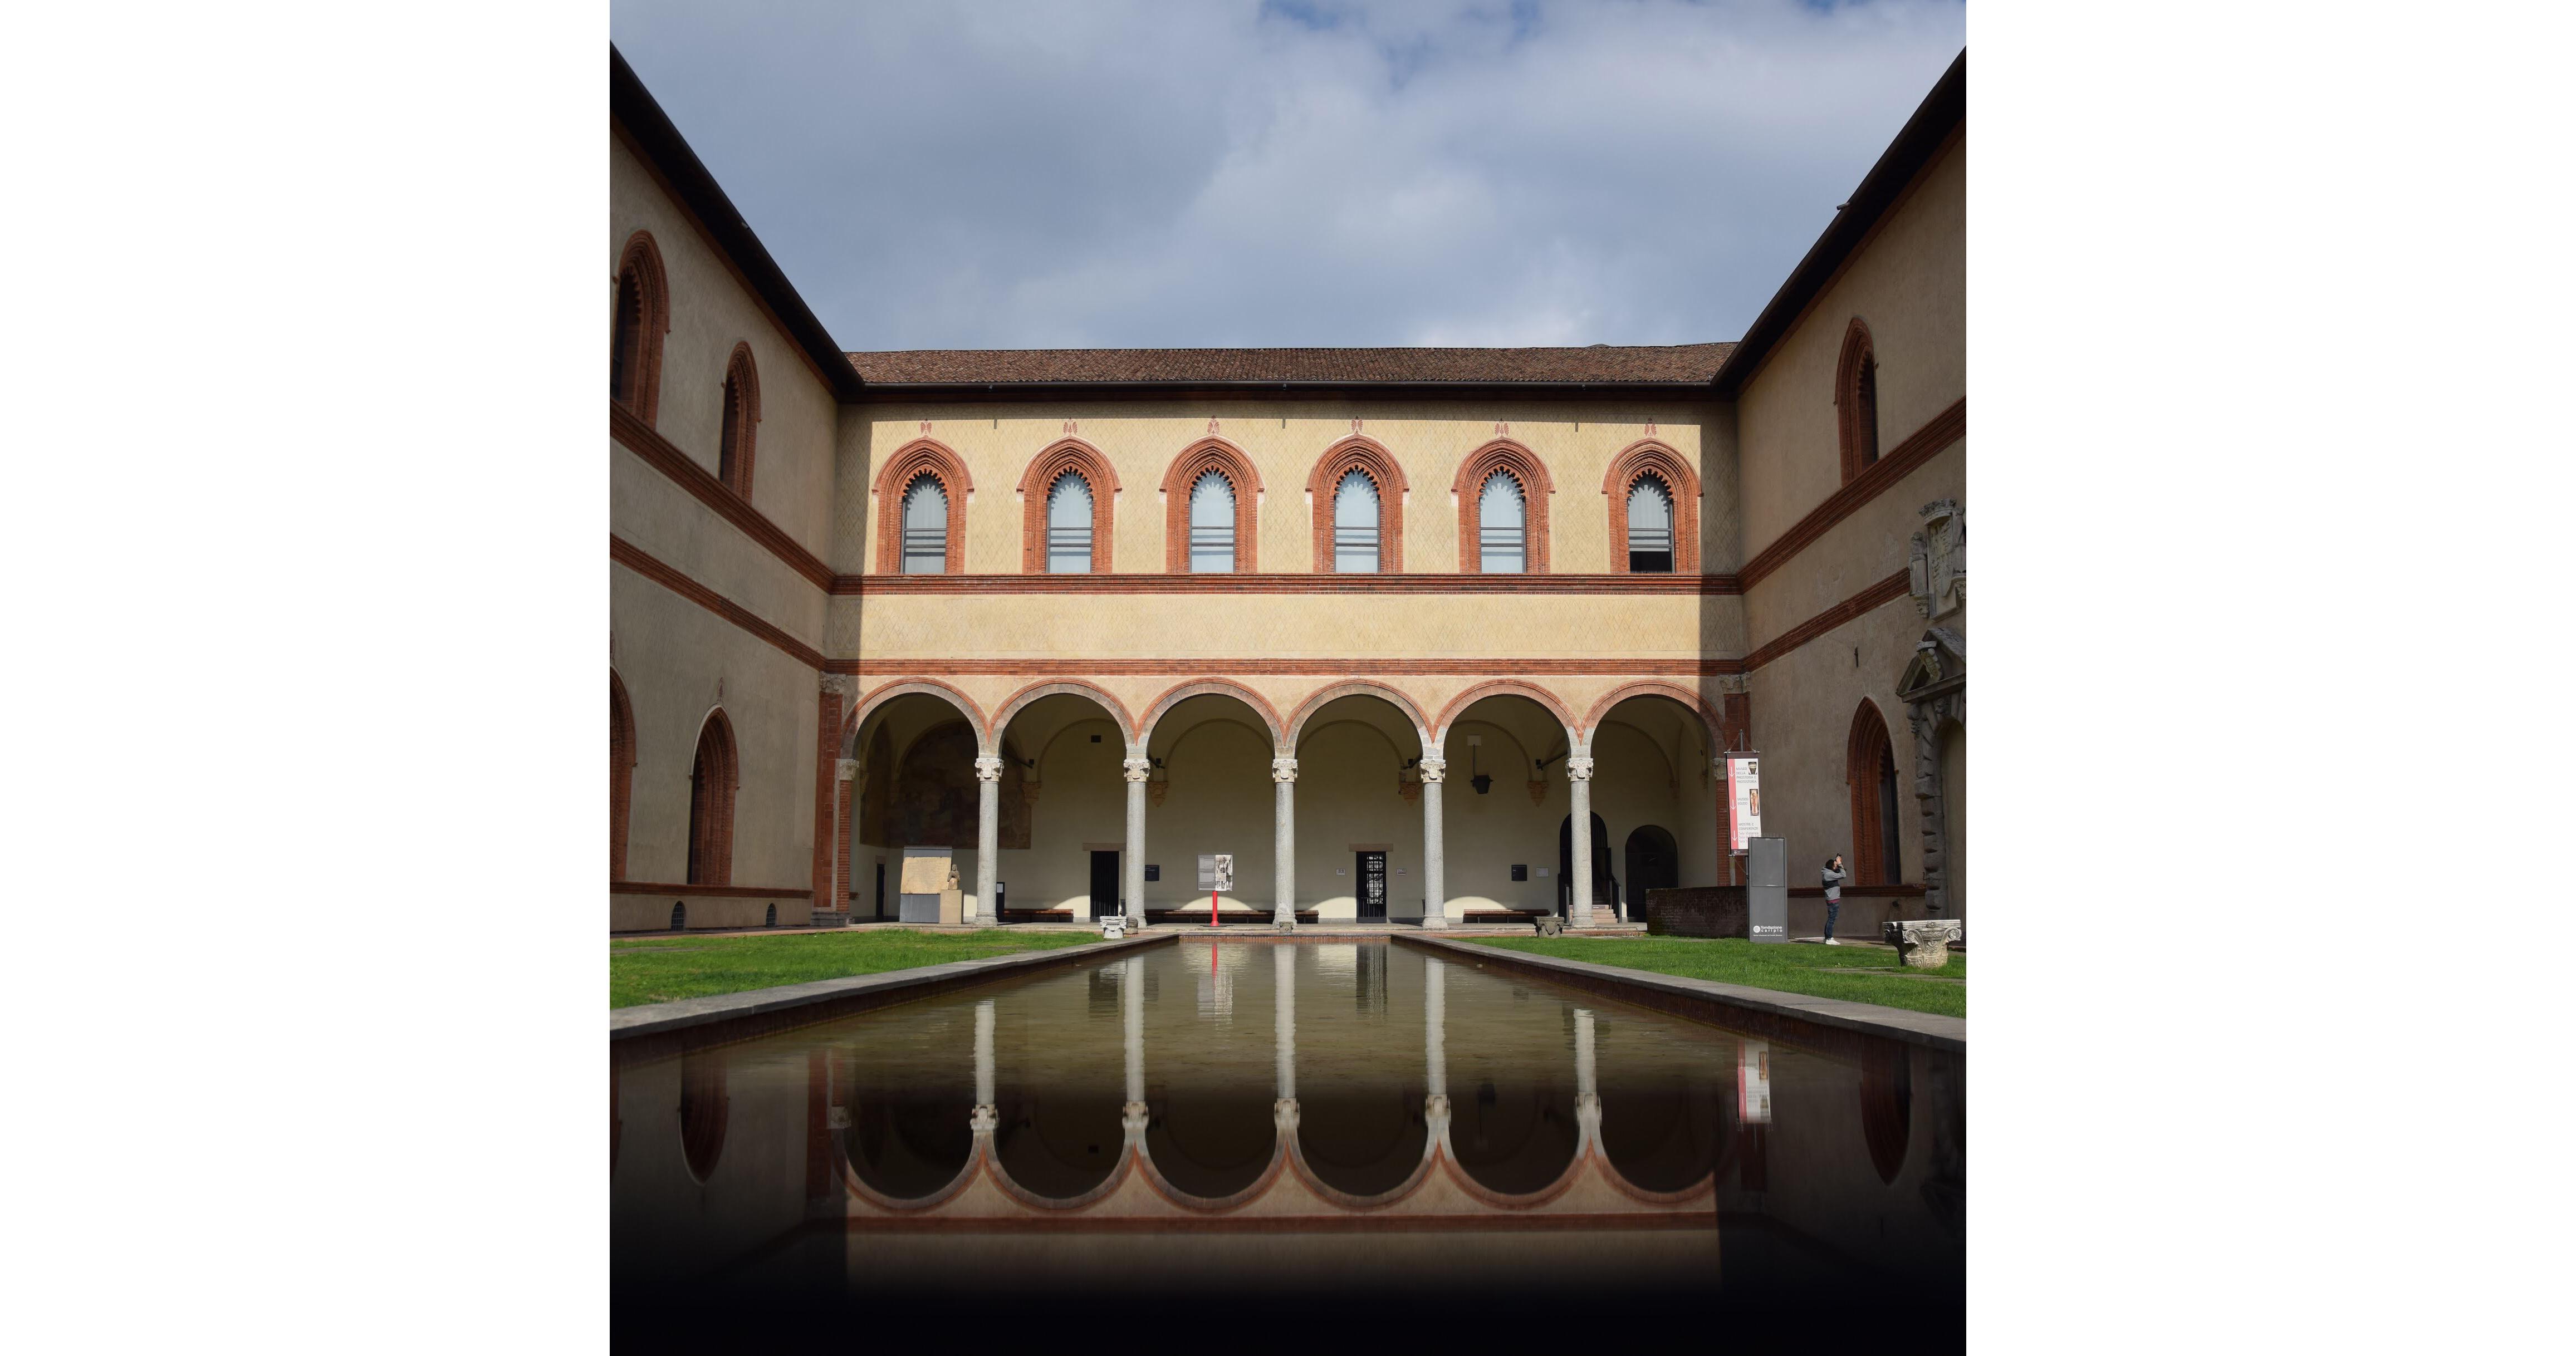 Alcuni scatti selezionati dalla redazione di @castellosforzesco